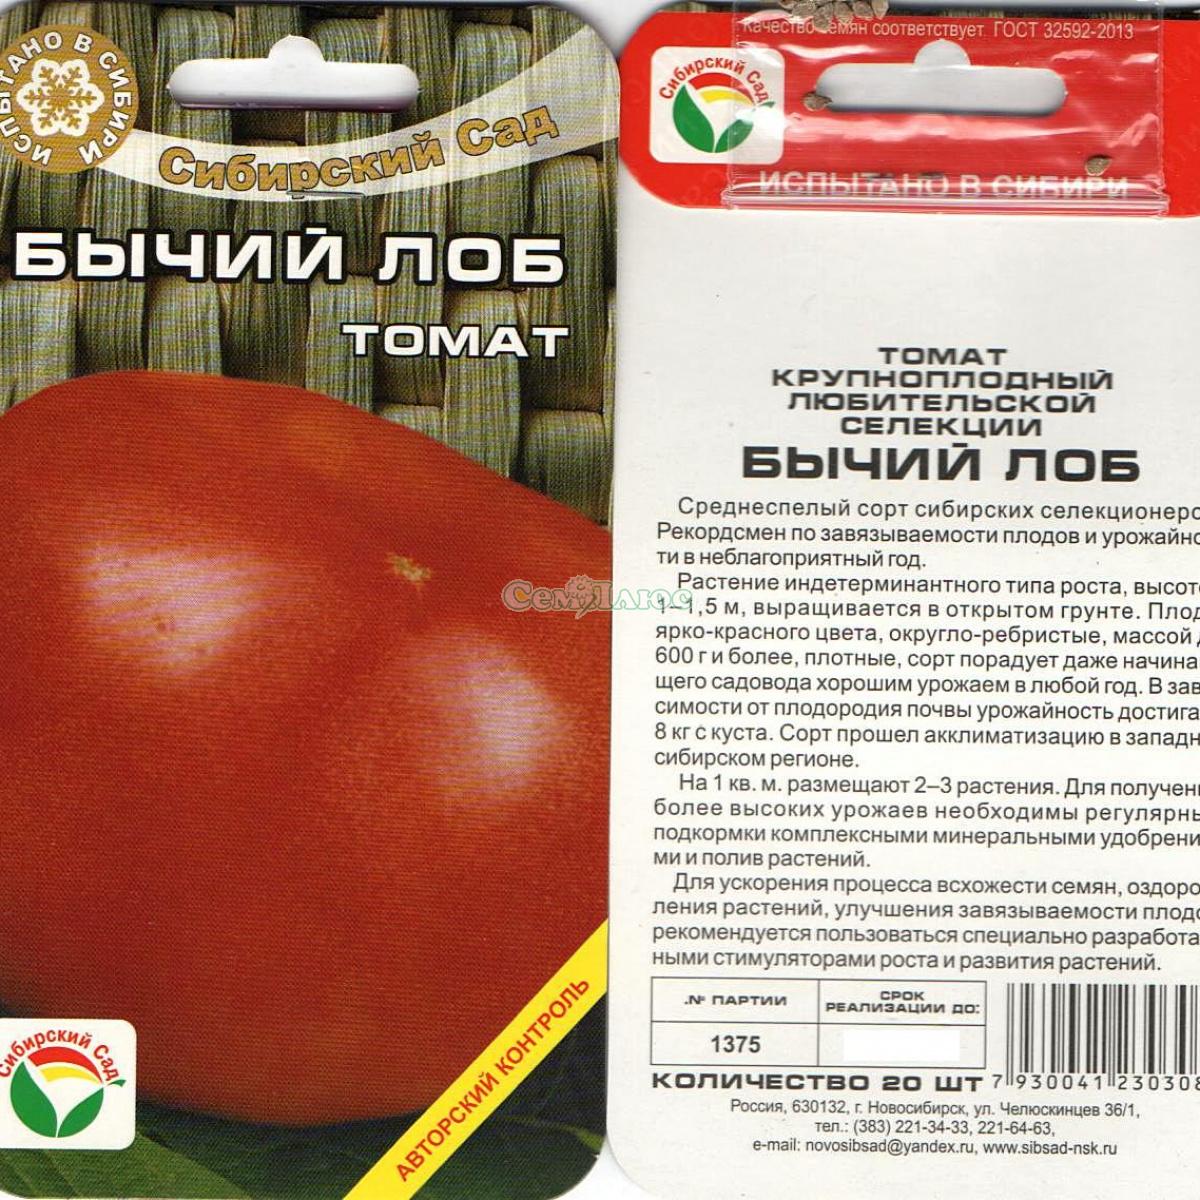 Томат бычий лоб - описание сорта, фото, характеристика русский фермер